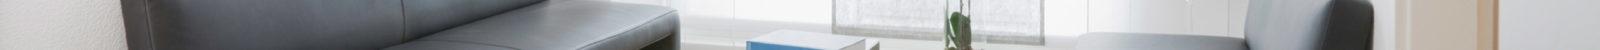 sara_header_loesungen_detail_warteraum